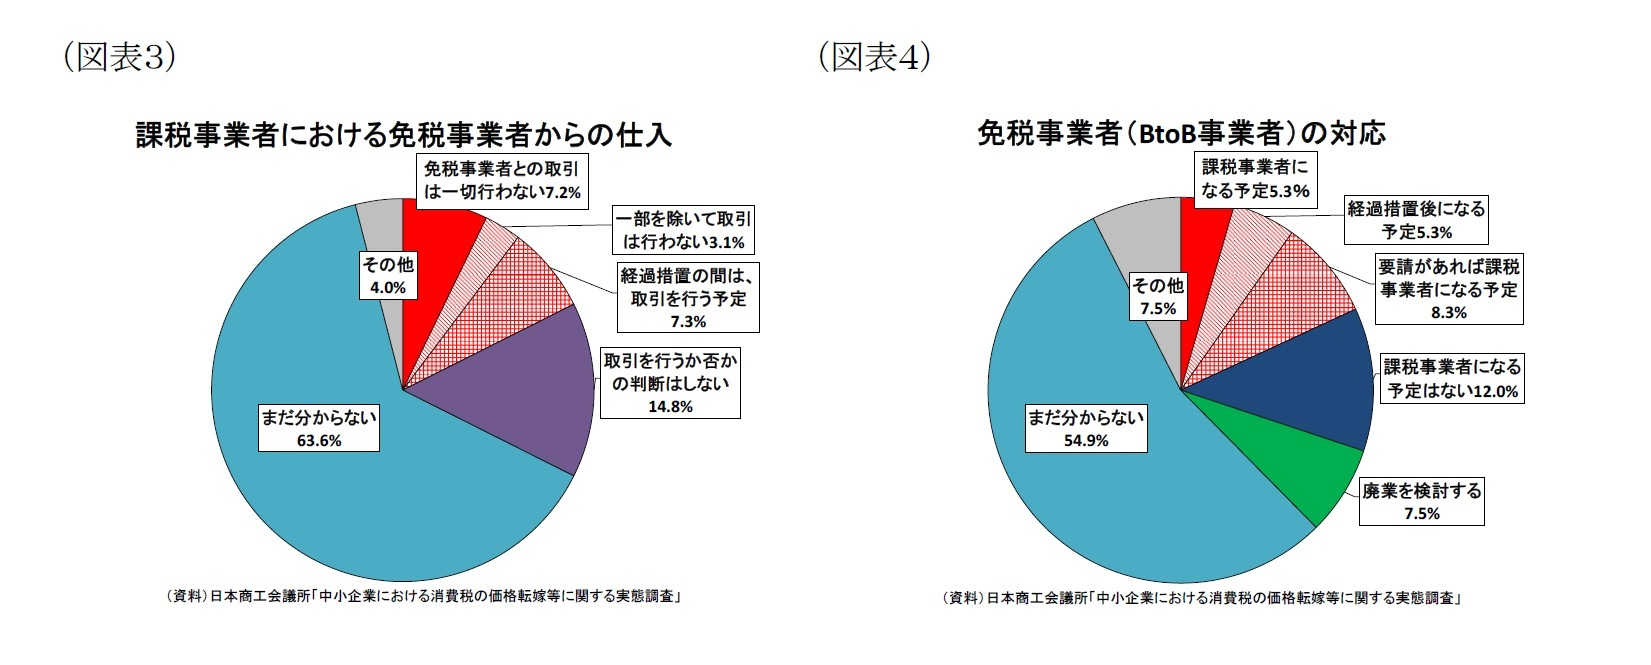 (図表3)課税事業者における免税事業者からの仕入/(図表4)免税事業者(BtoB事業者)の対応